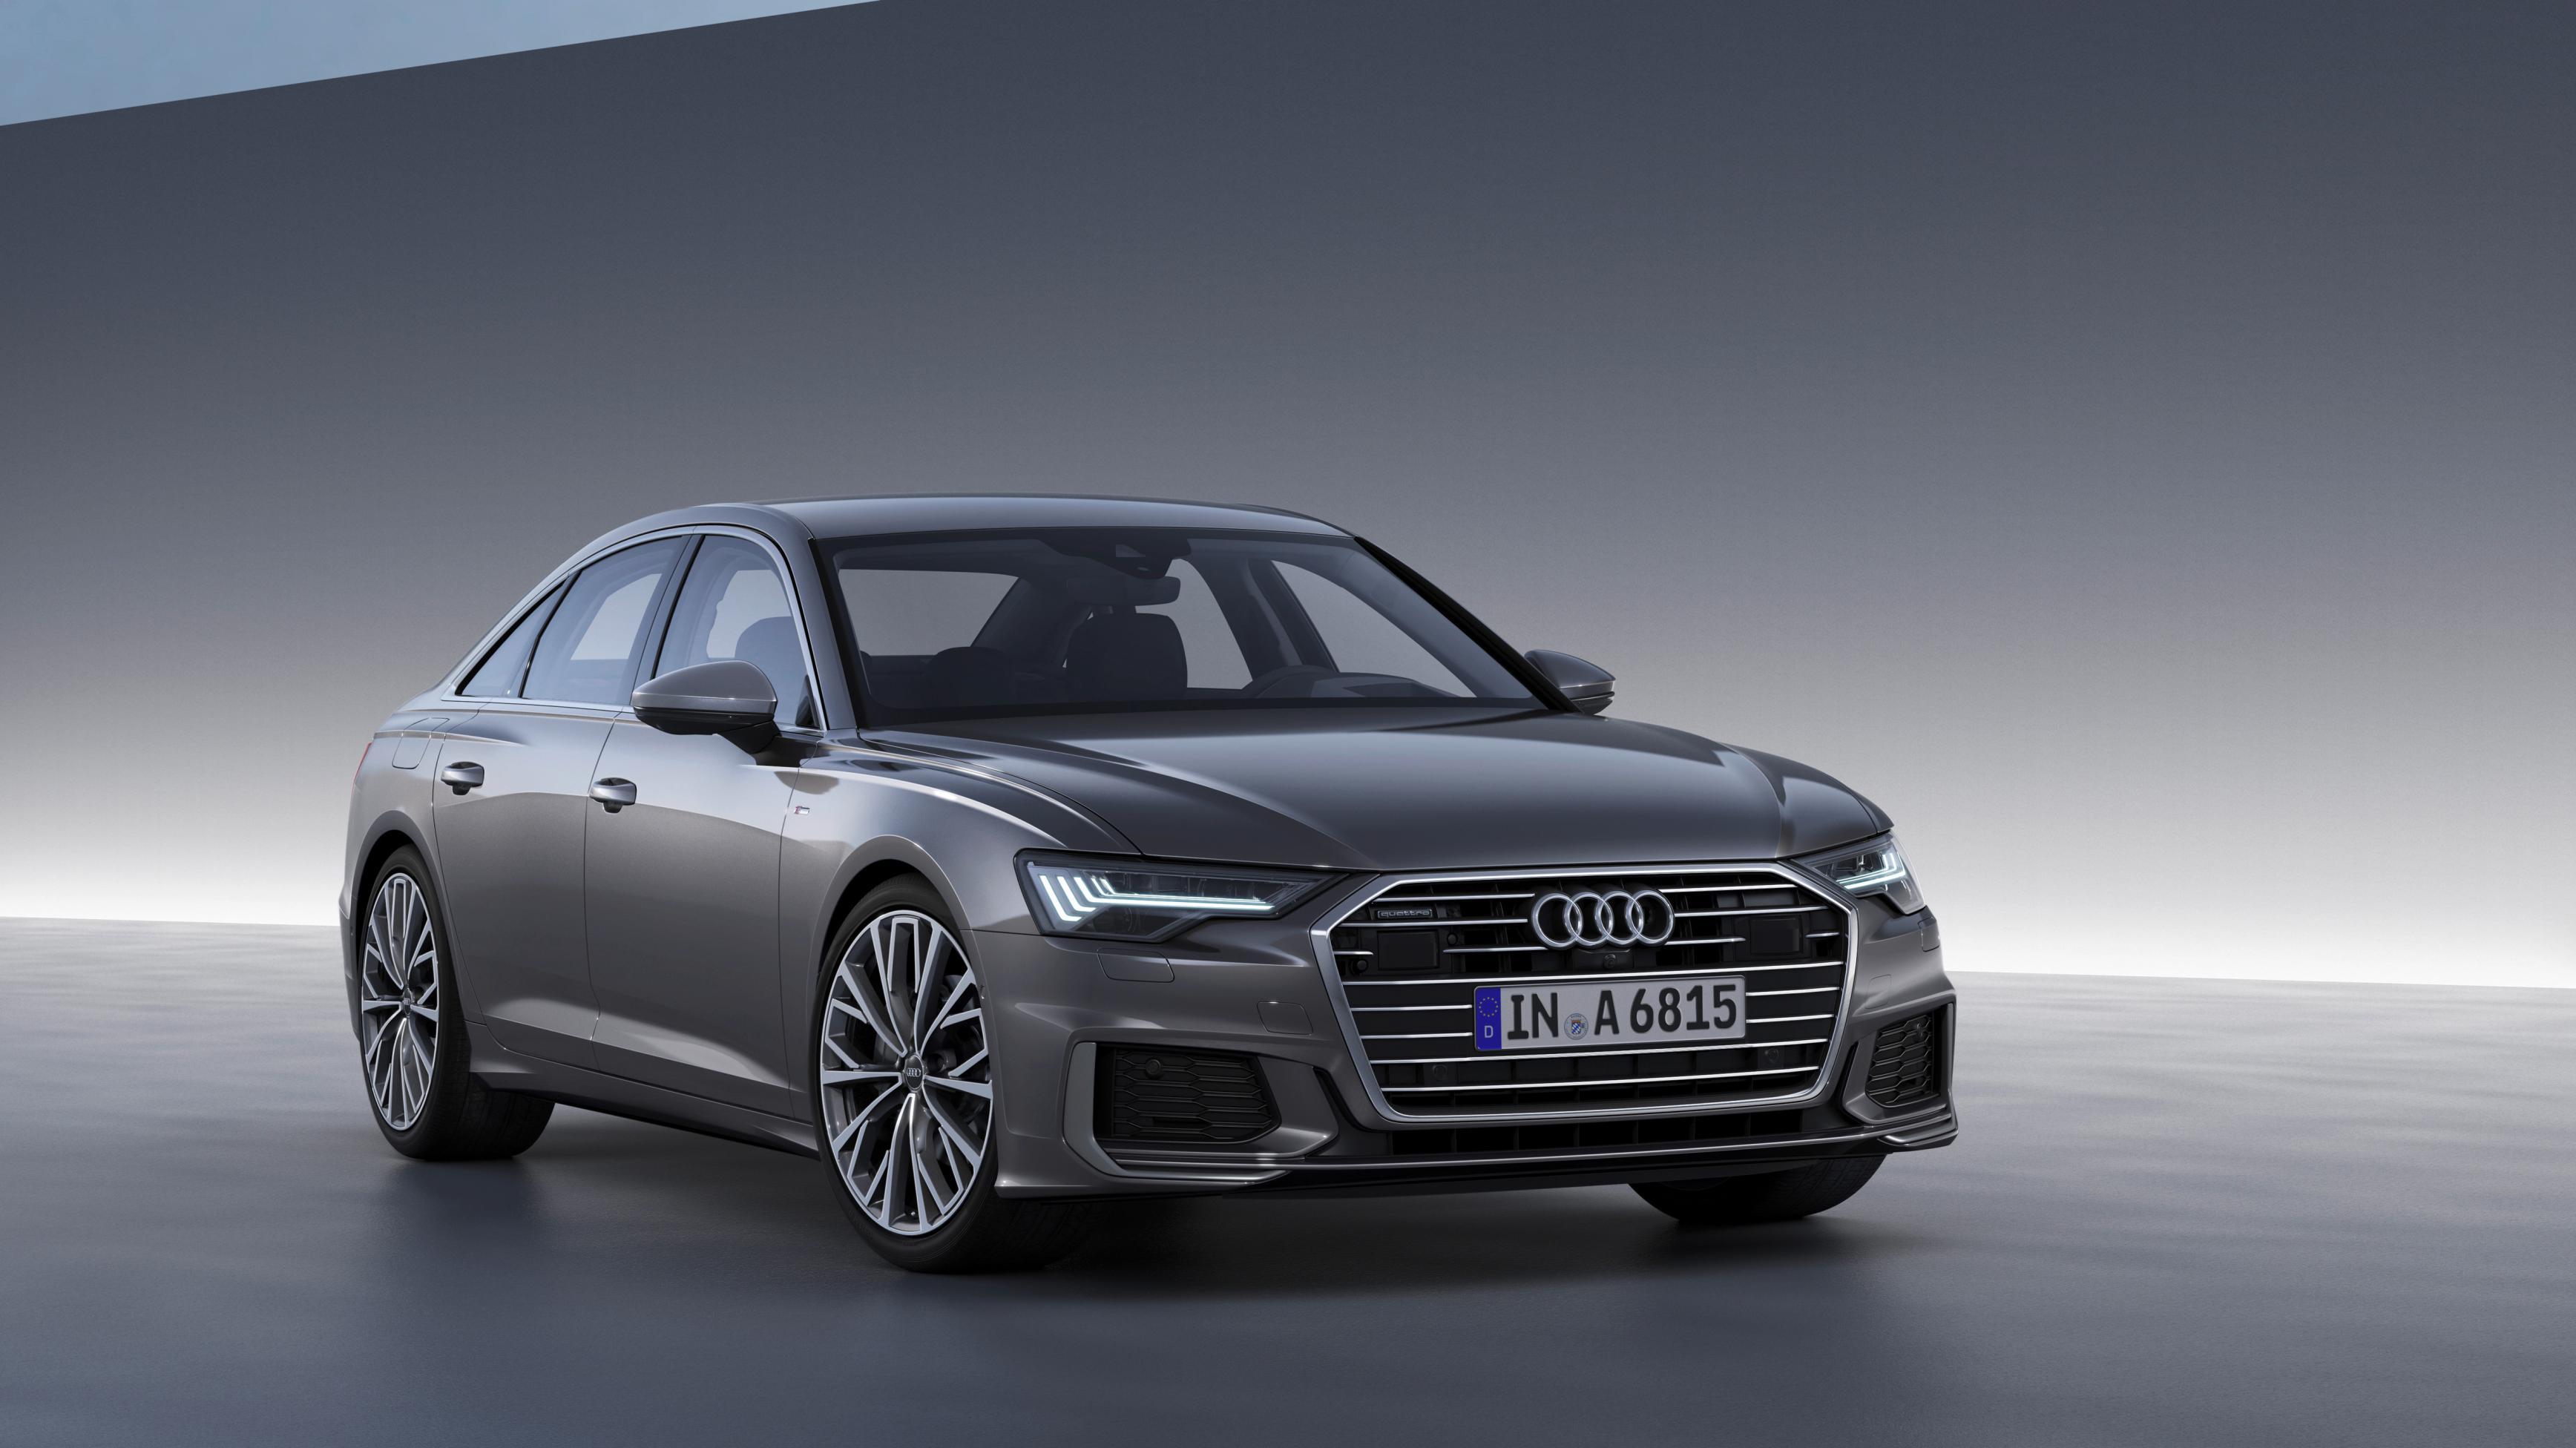 Photo of Yeni Audi A6 beklenen gelişmeyle karşımızda